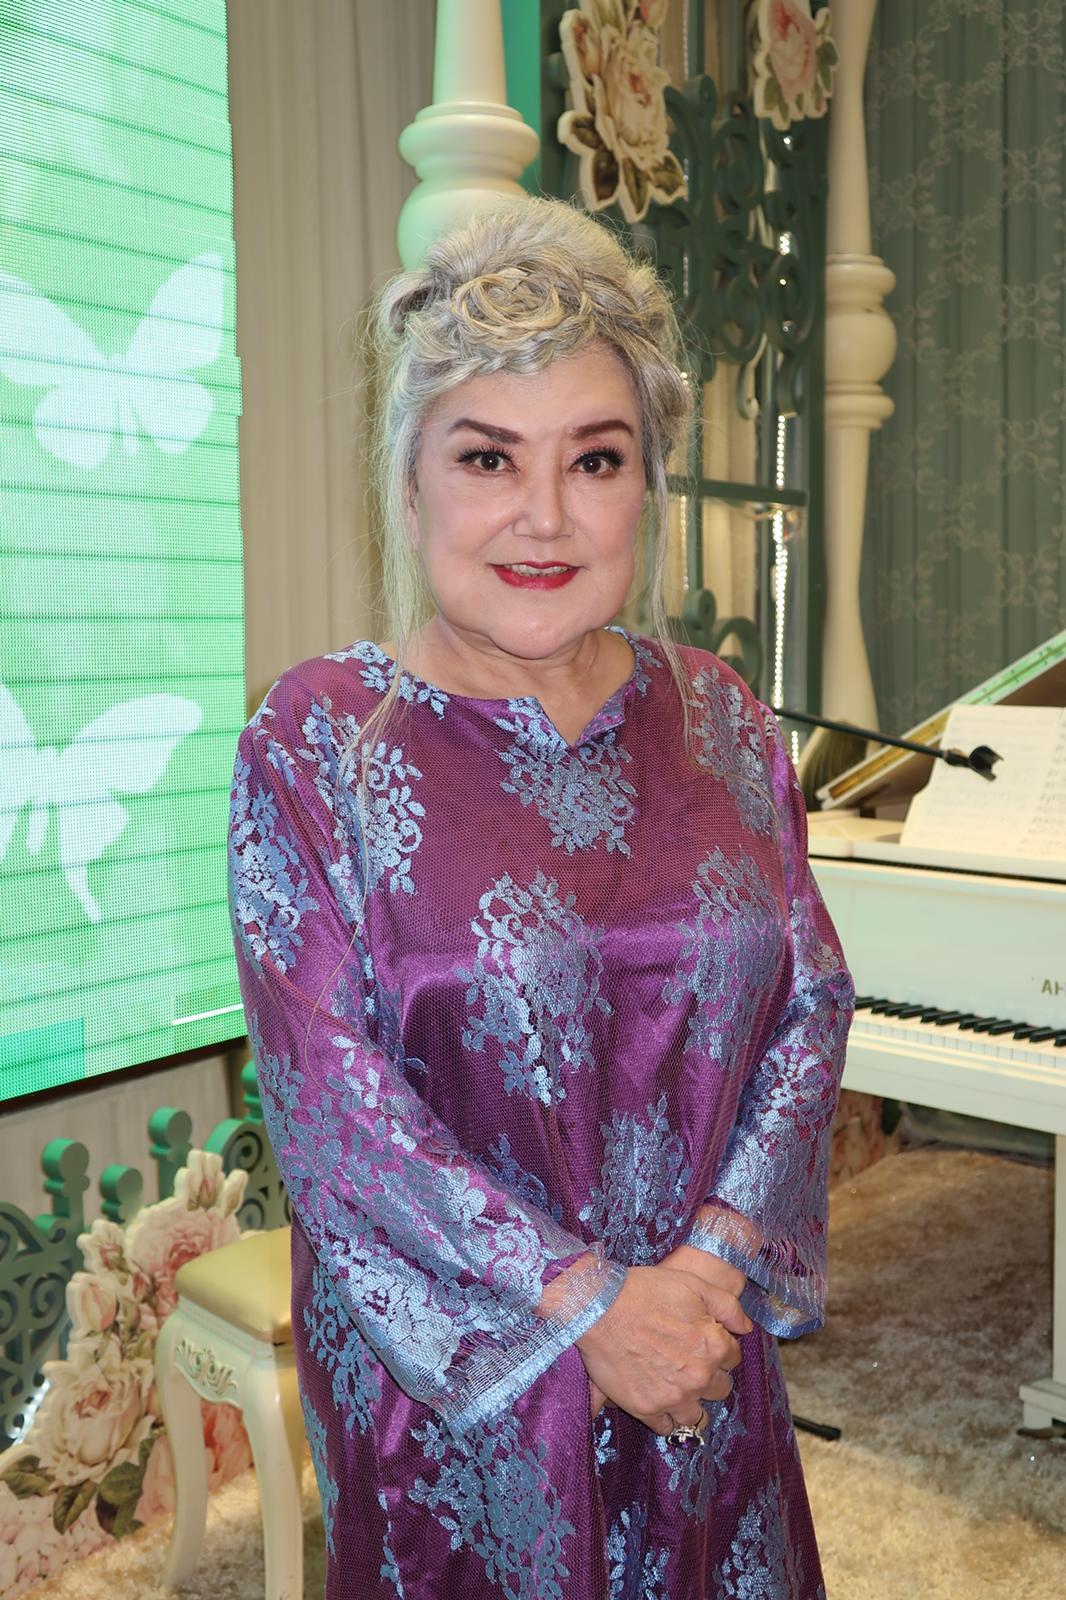 邵音音聯絡到沈威在新加坡的女兒,簽授權書給沈威在北京的經理人同意拔喉。